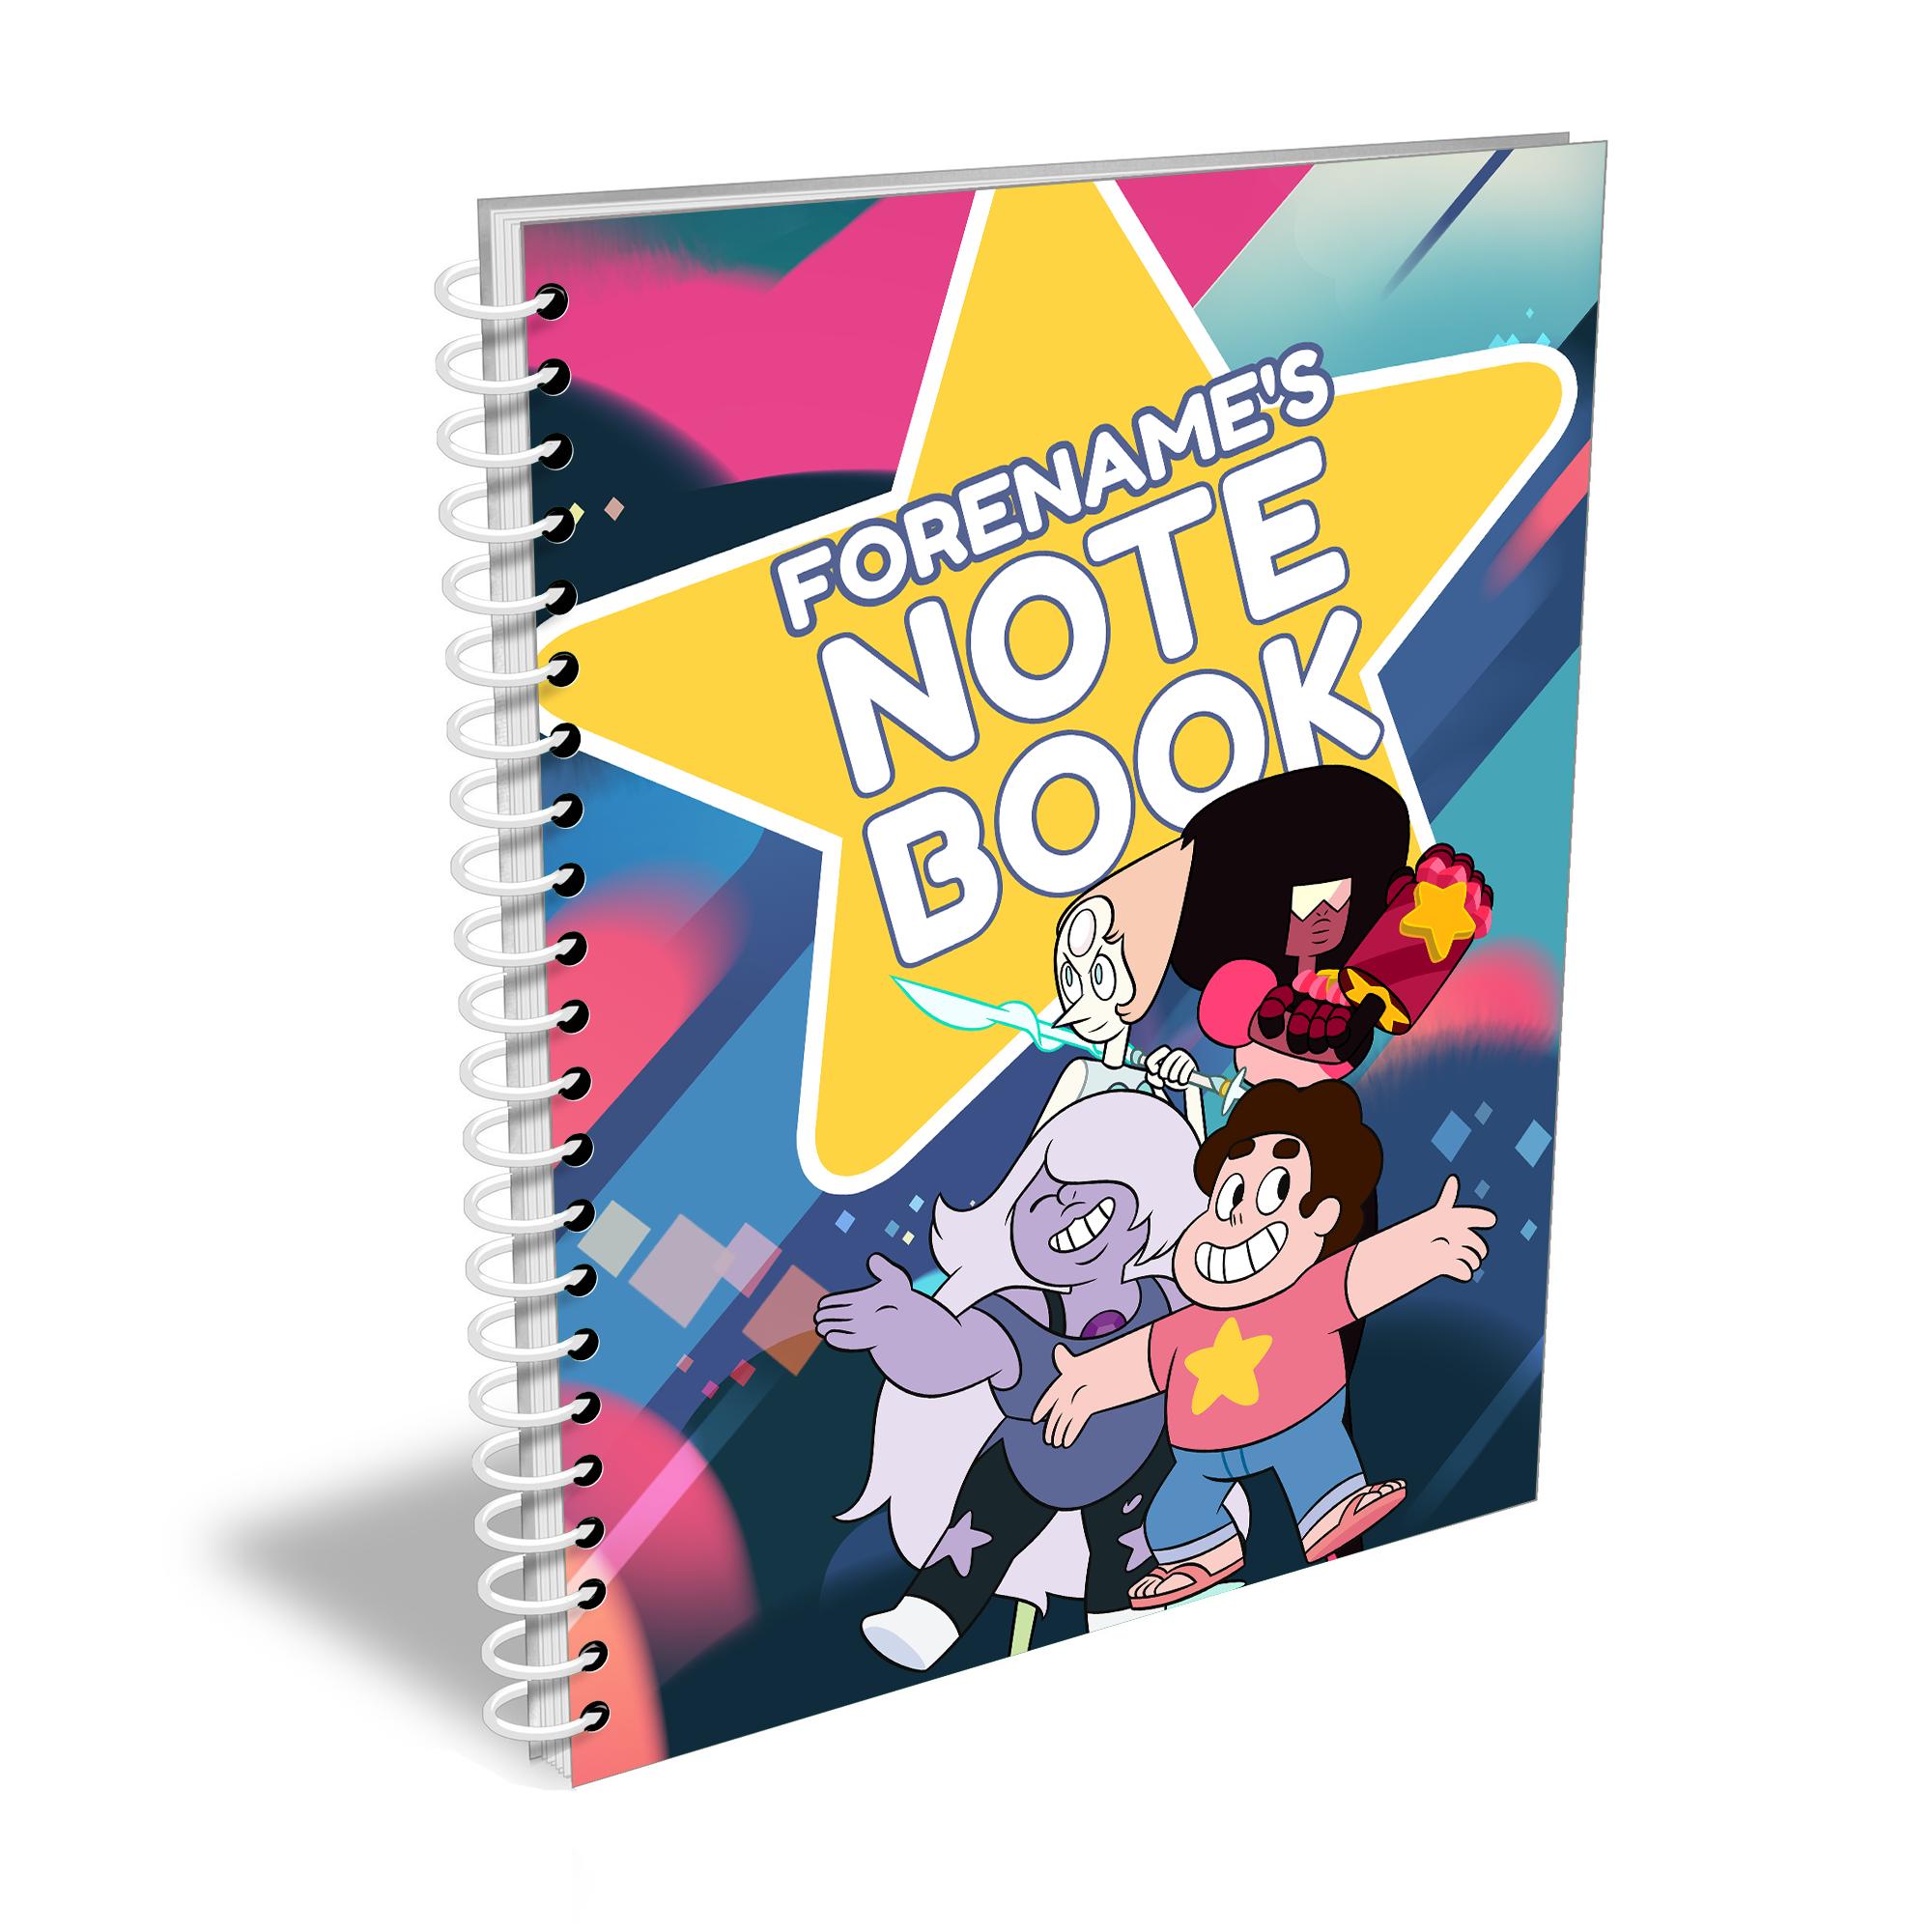 Steven Universe Star Notebook A4 Notebook